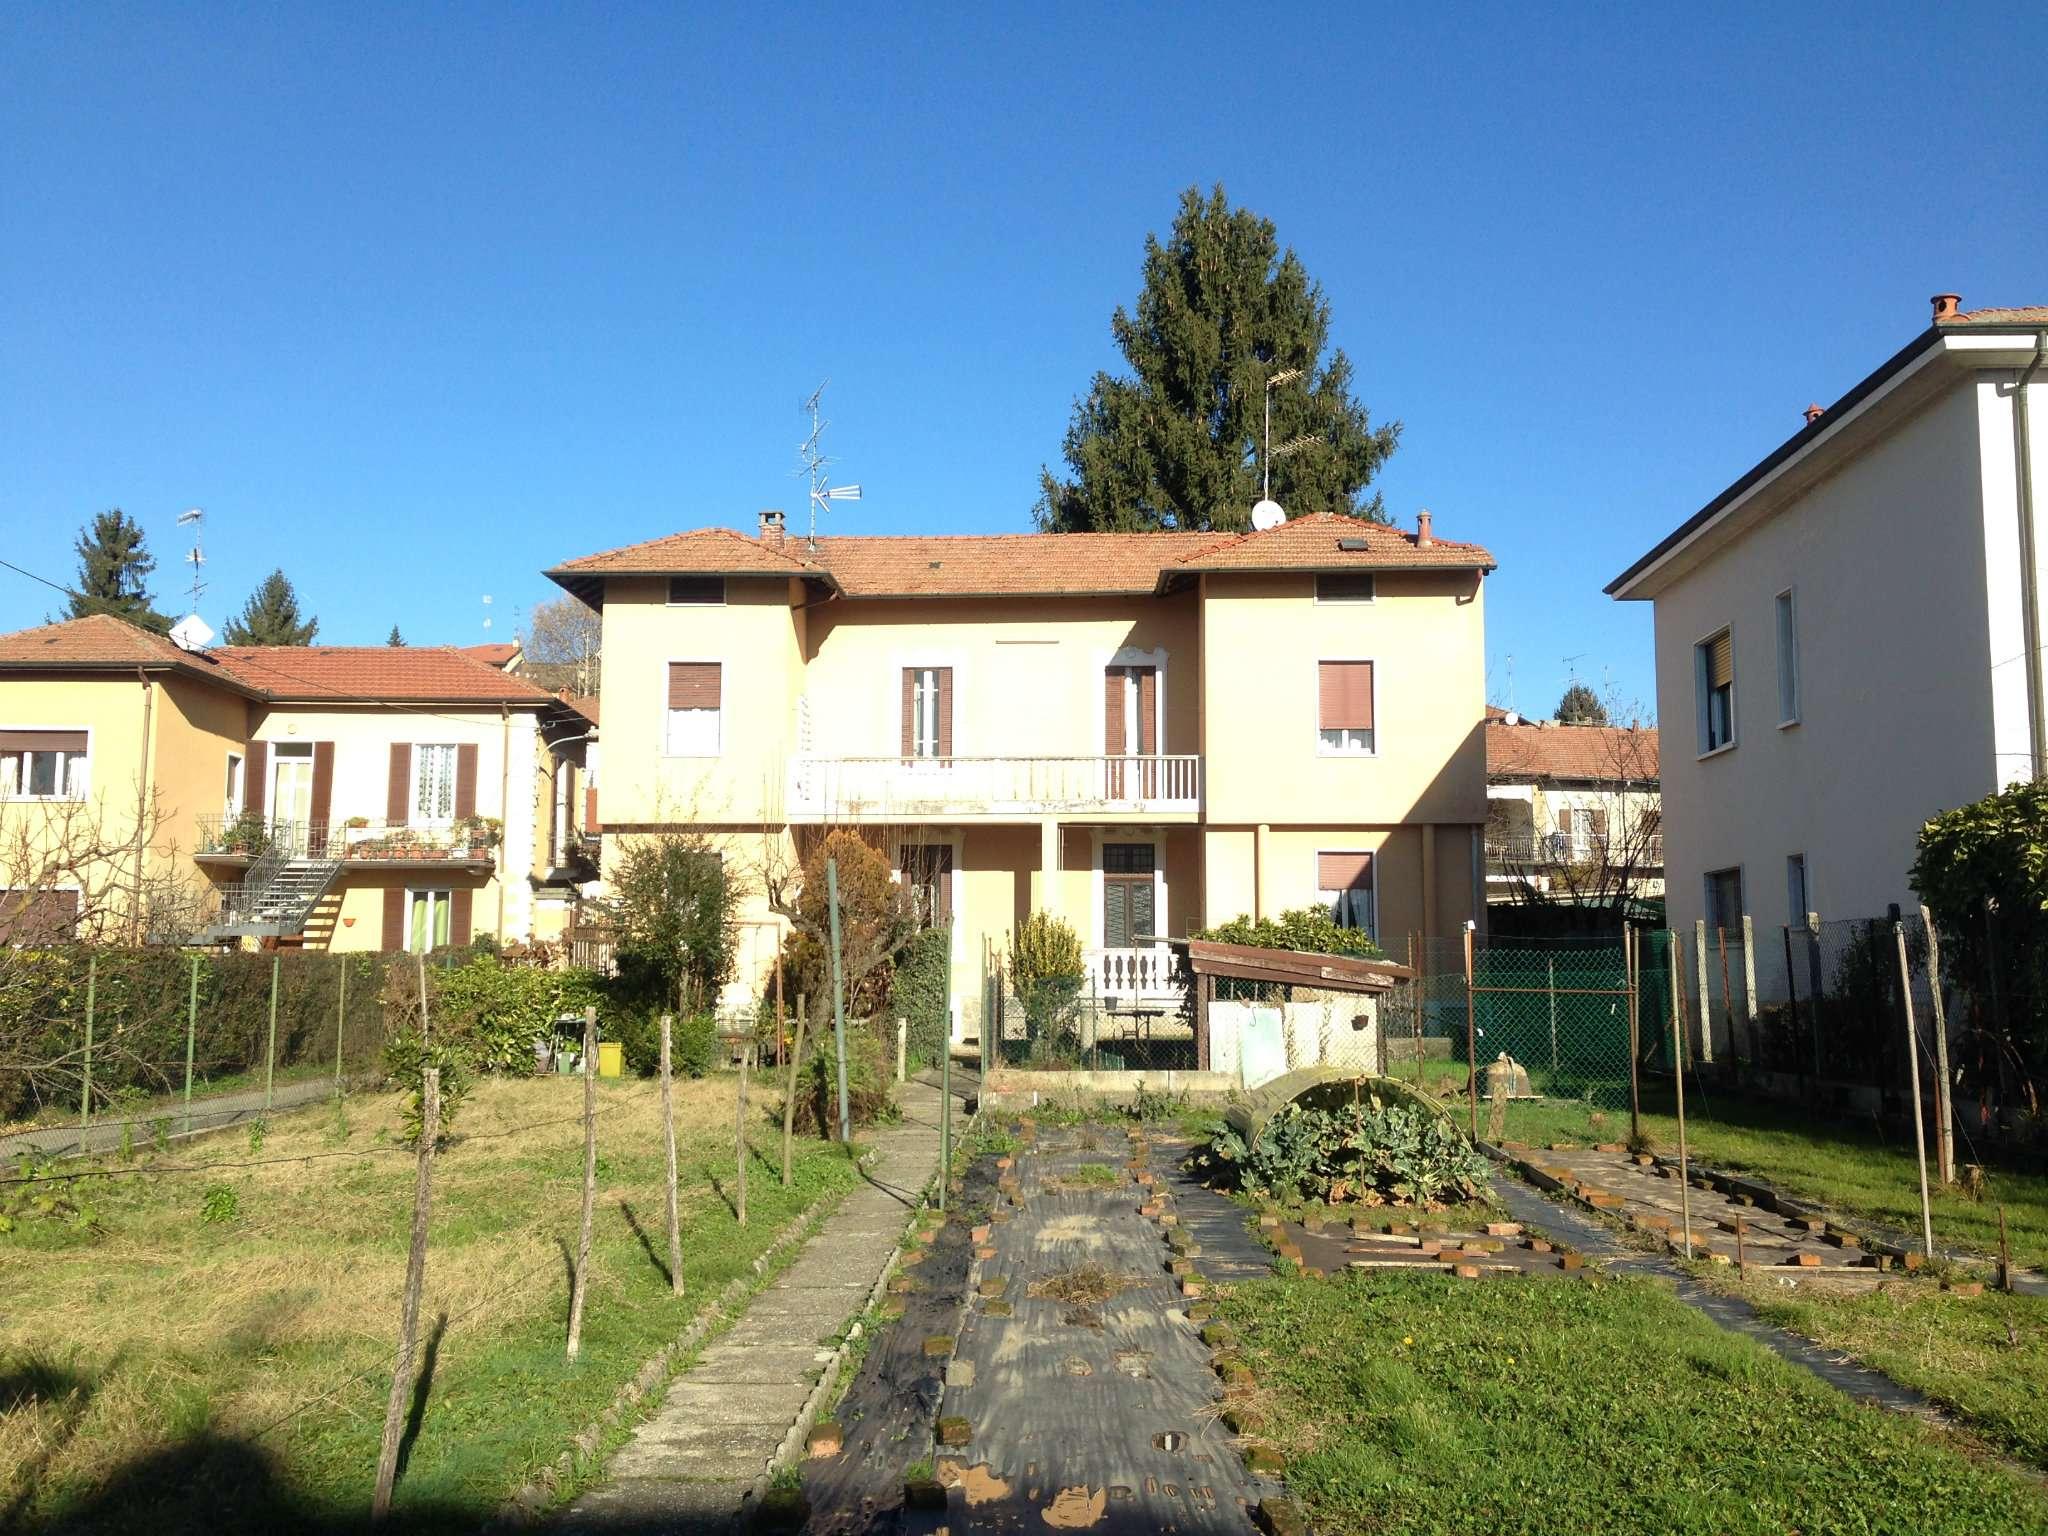 Soluzione Indipendente in vendita a Castronno, 8 locali, prezzo € 310.000 | Cambio Casa.it